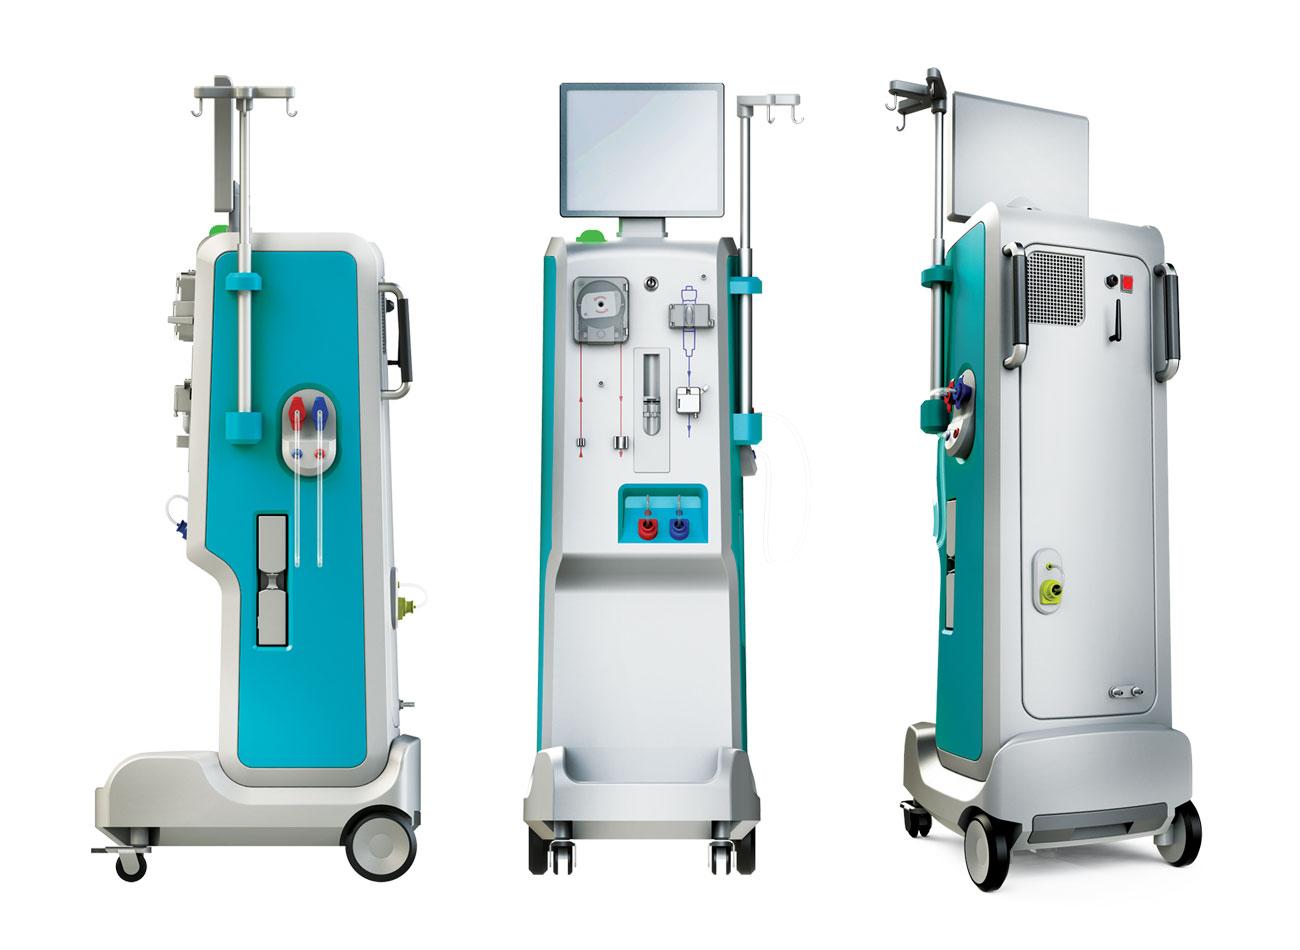 طراحی تجهیزات پزشکی طراحی صنعتی طراحی محصول طراحی محصول پزشکی دستگاه دیالیز